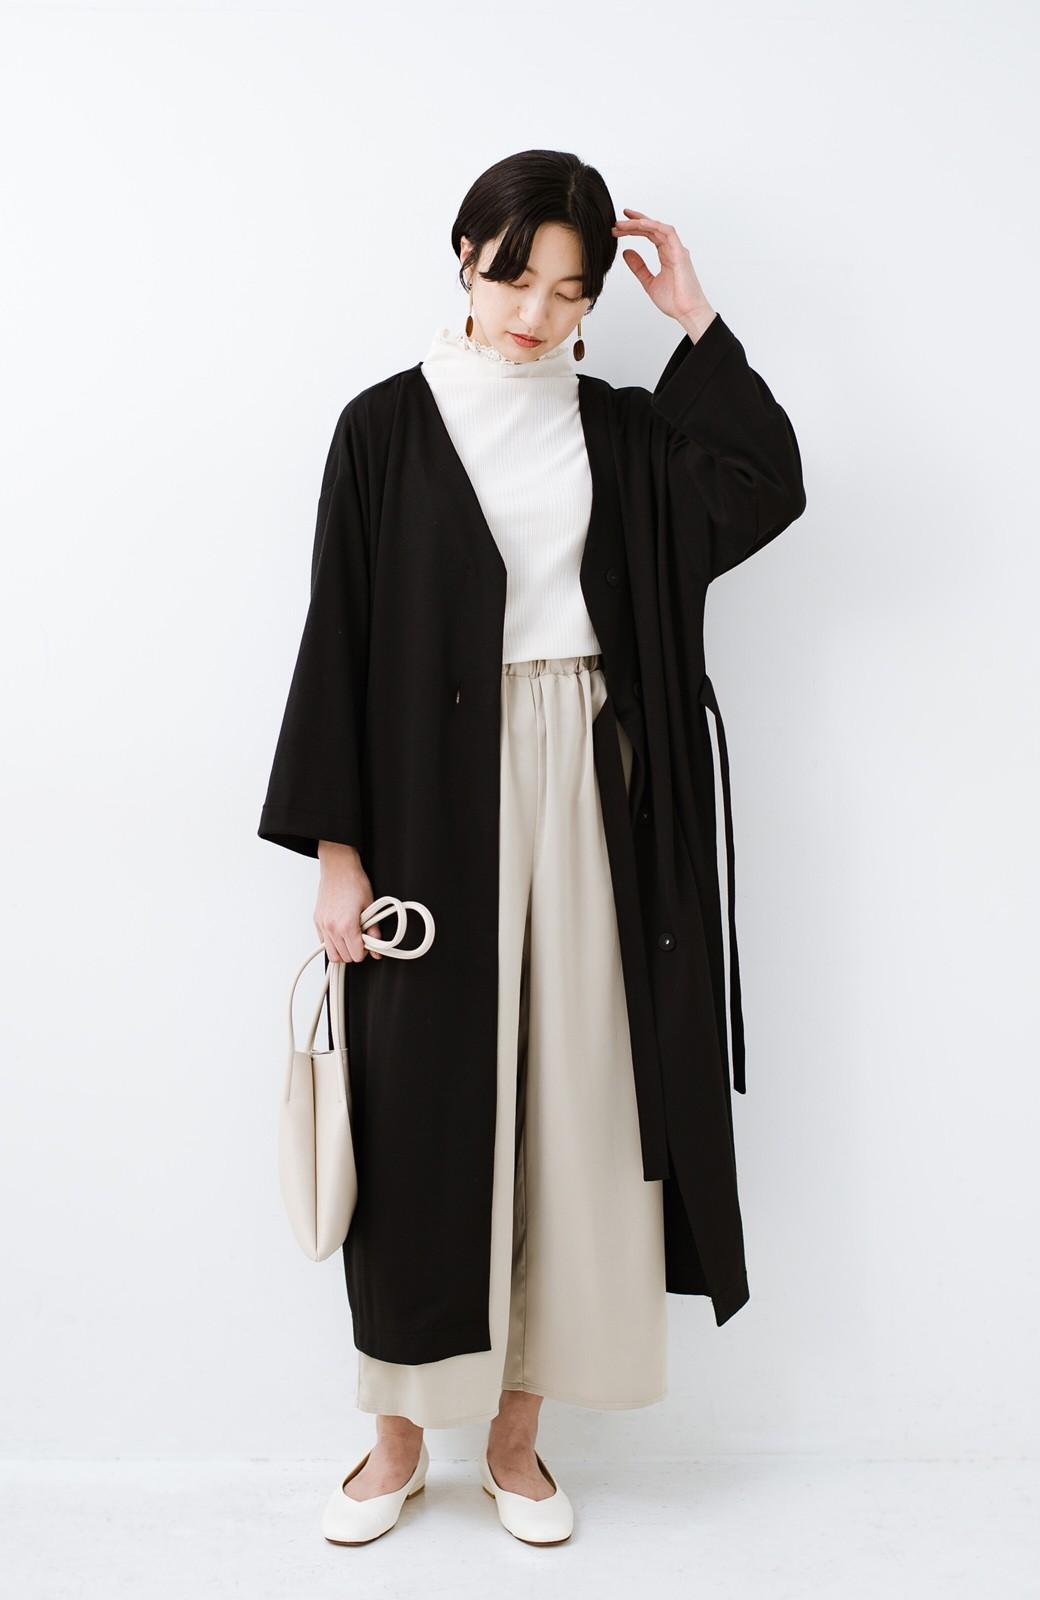 haco! サイドリボンと落ち感が女っぽい 羽織り&重ね着を楽しむカットソーワンピース <ブラック>の商品写真11